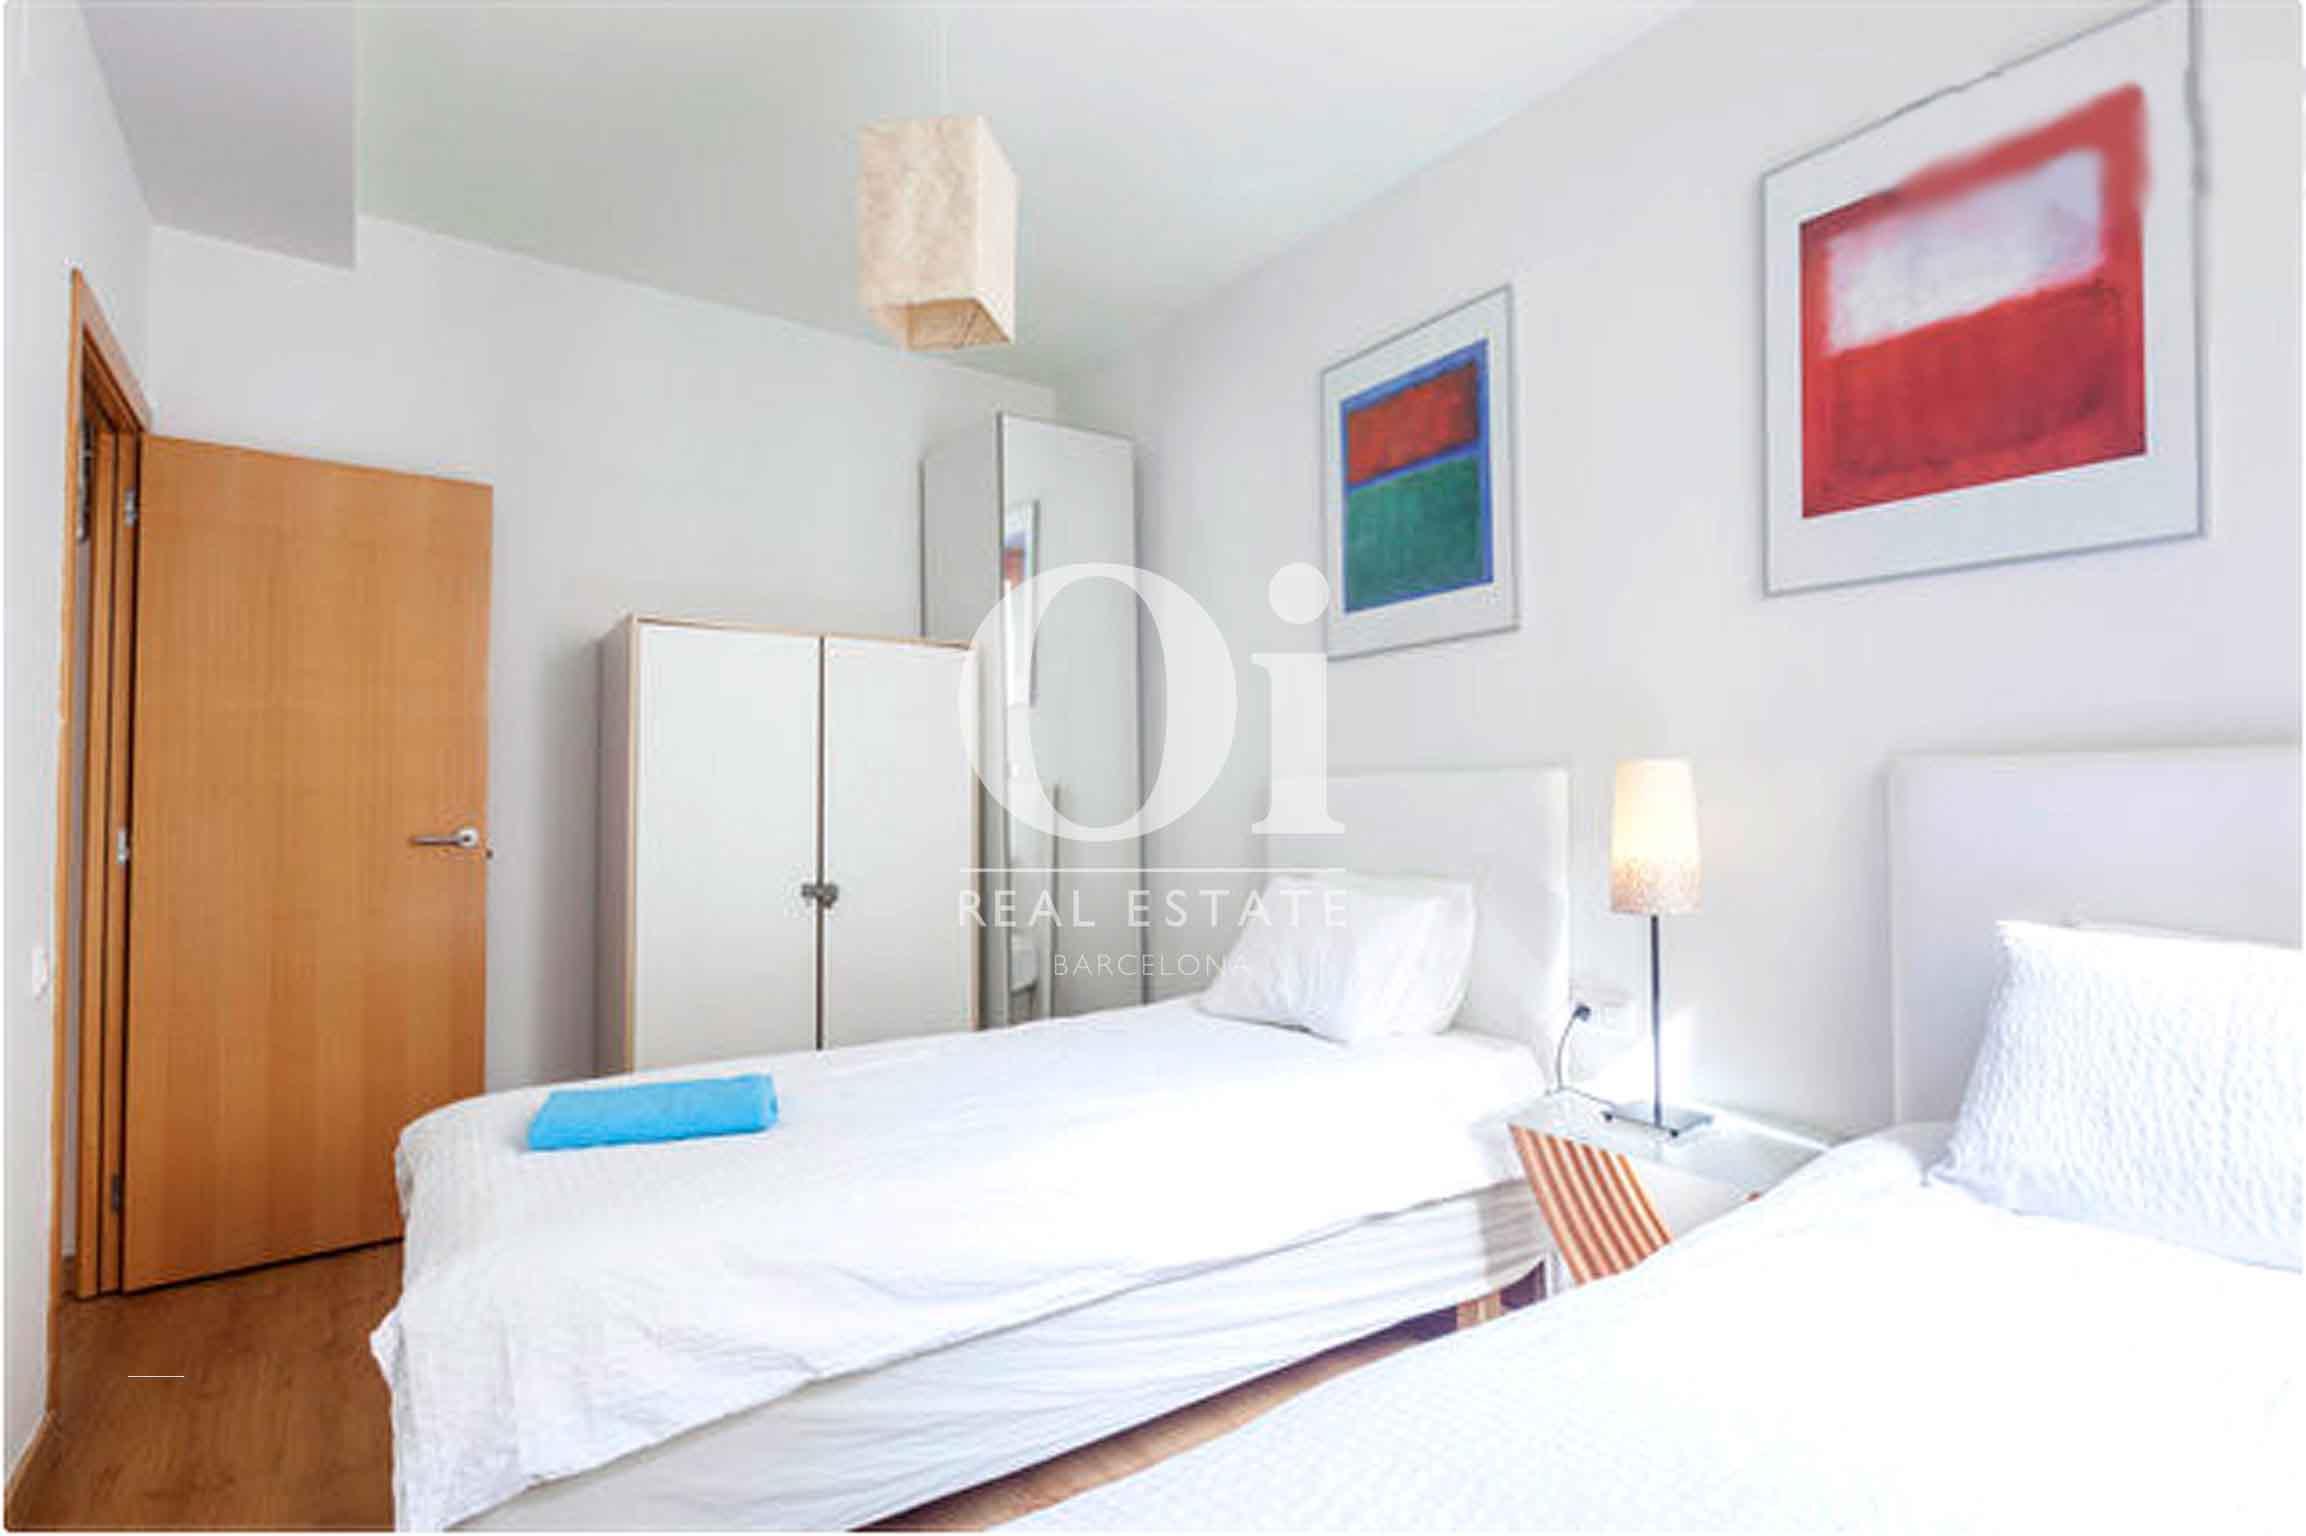 Dormitorio con dos camas de magnifico apartamento en venta en Raval